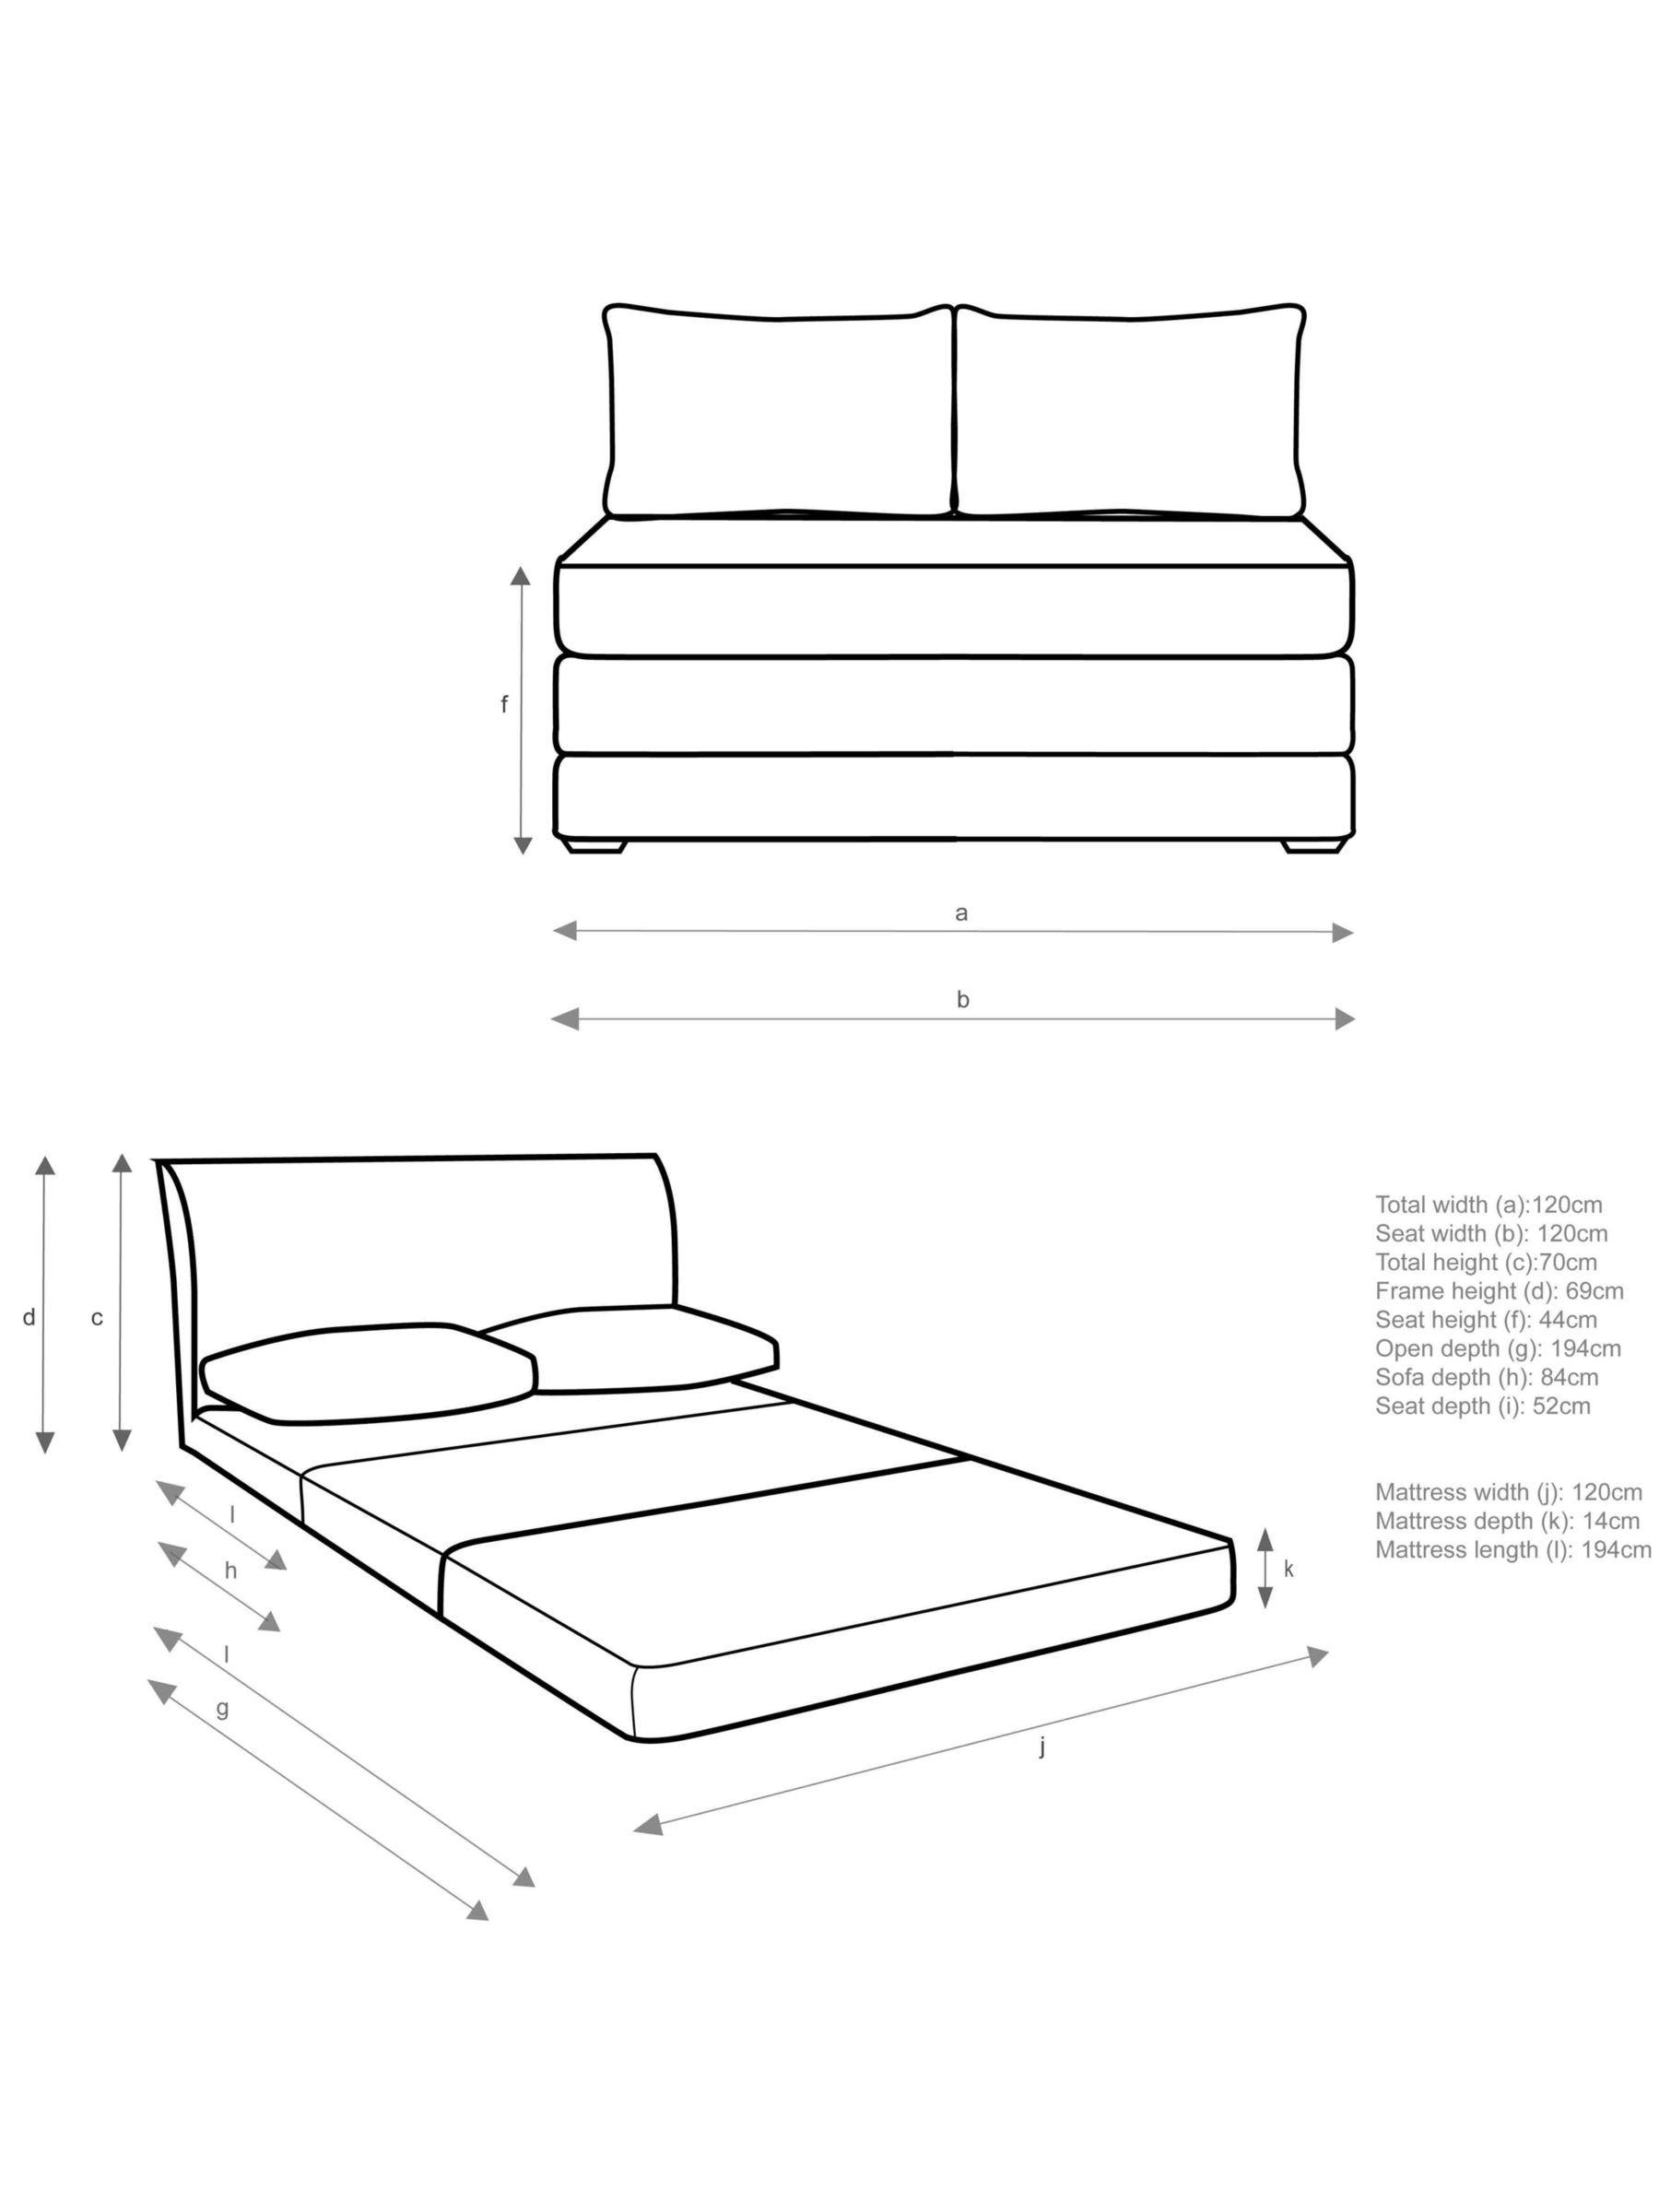 Kip Small Sofa Bed With Foam Mattress